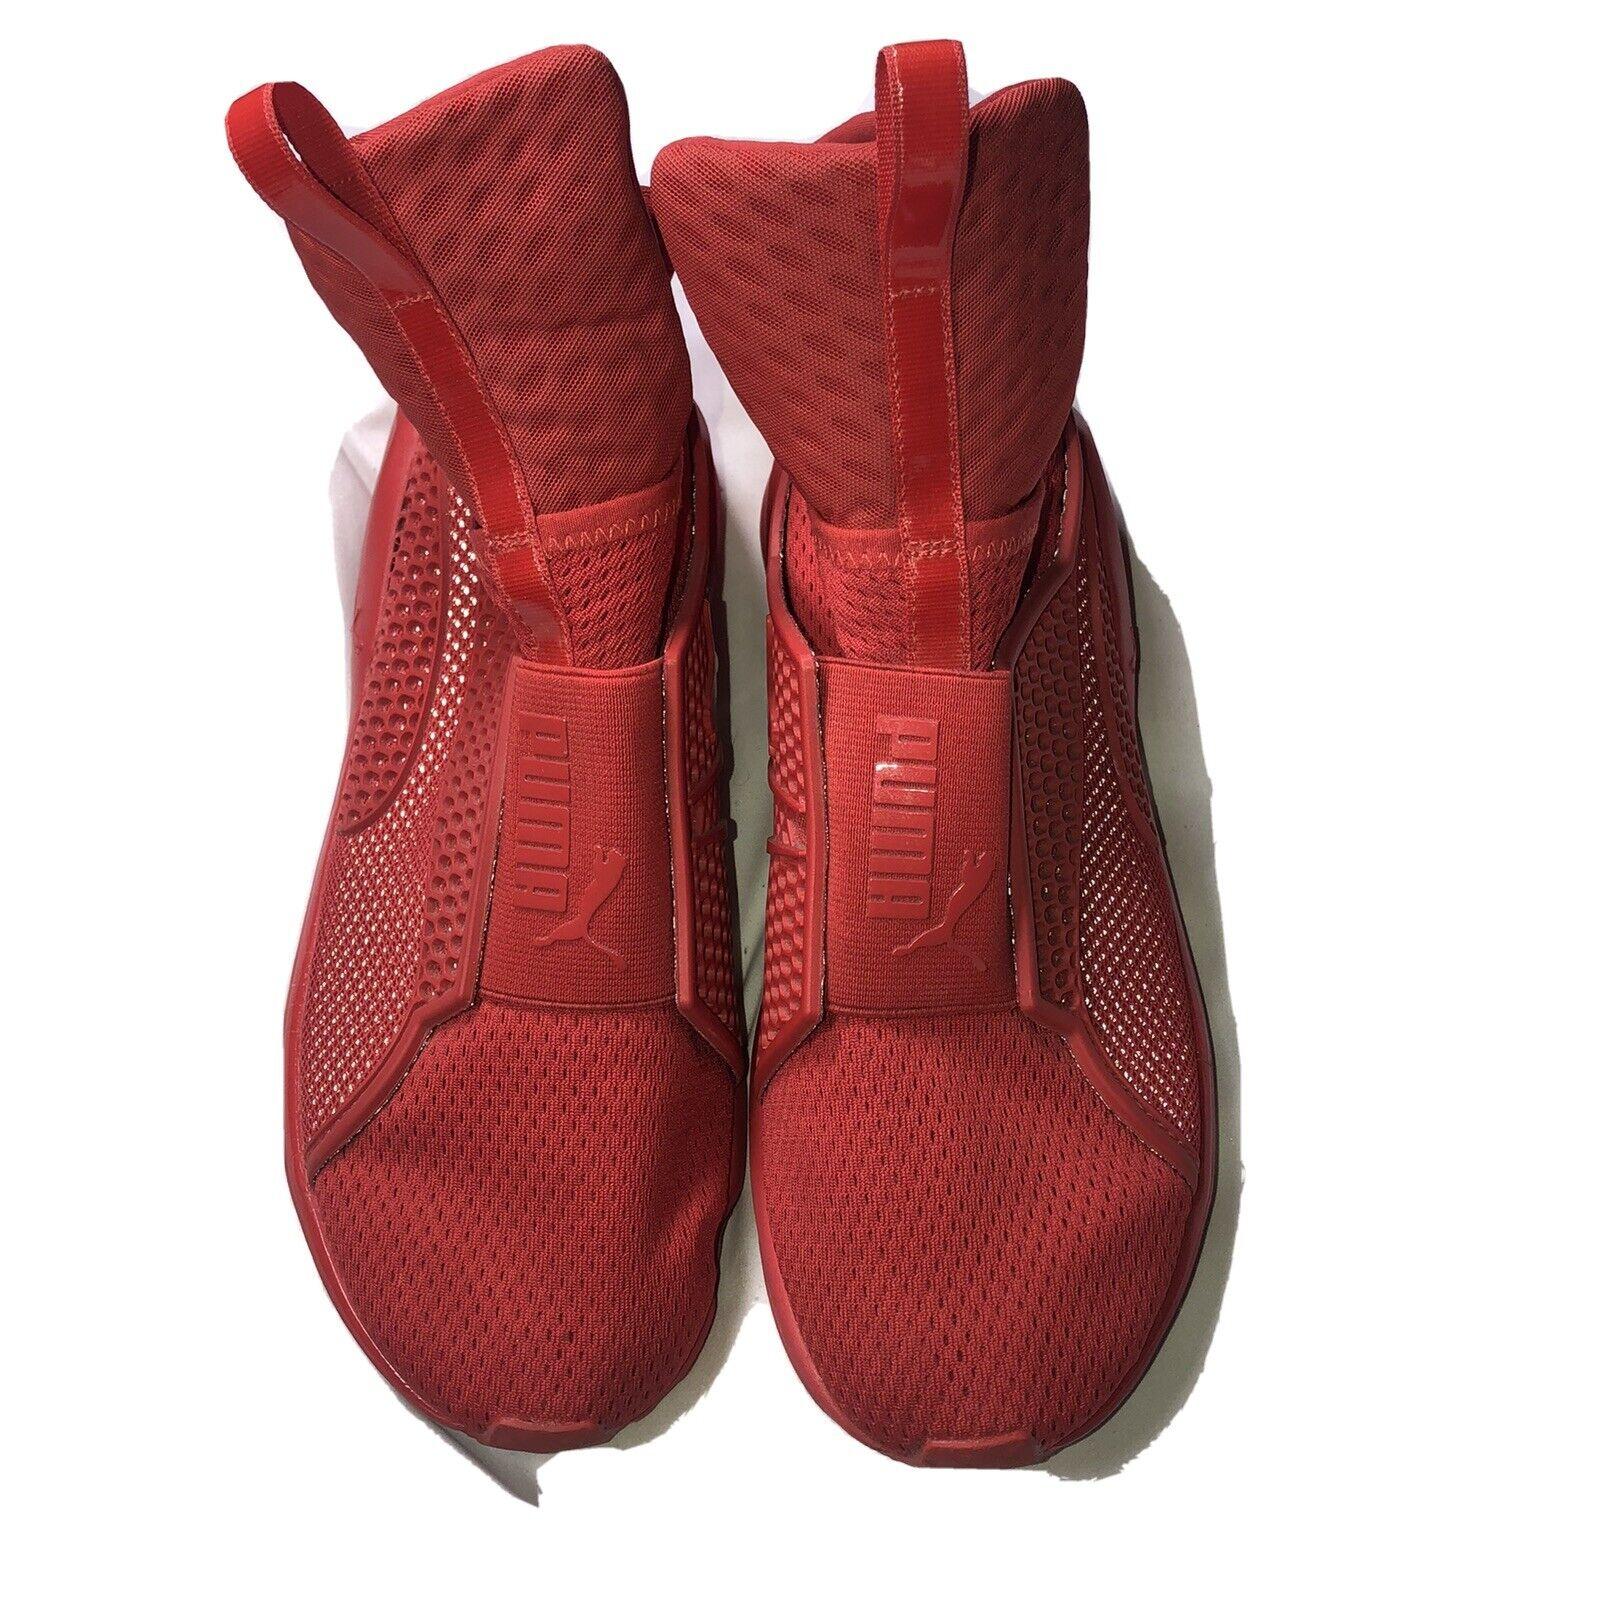 Puma féroce Core Matelassé formation dentelle-moins Baskets Fenty Streetwear Taille 8.5